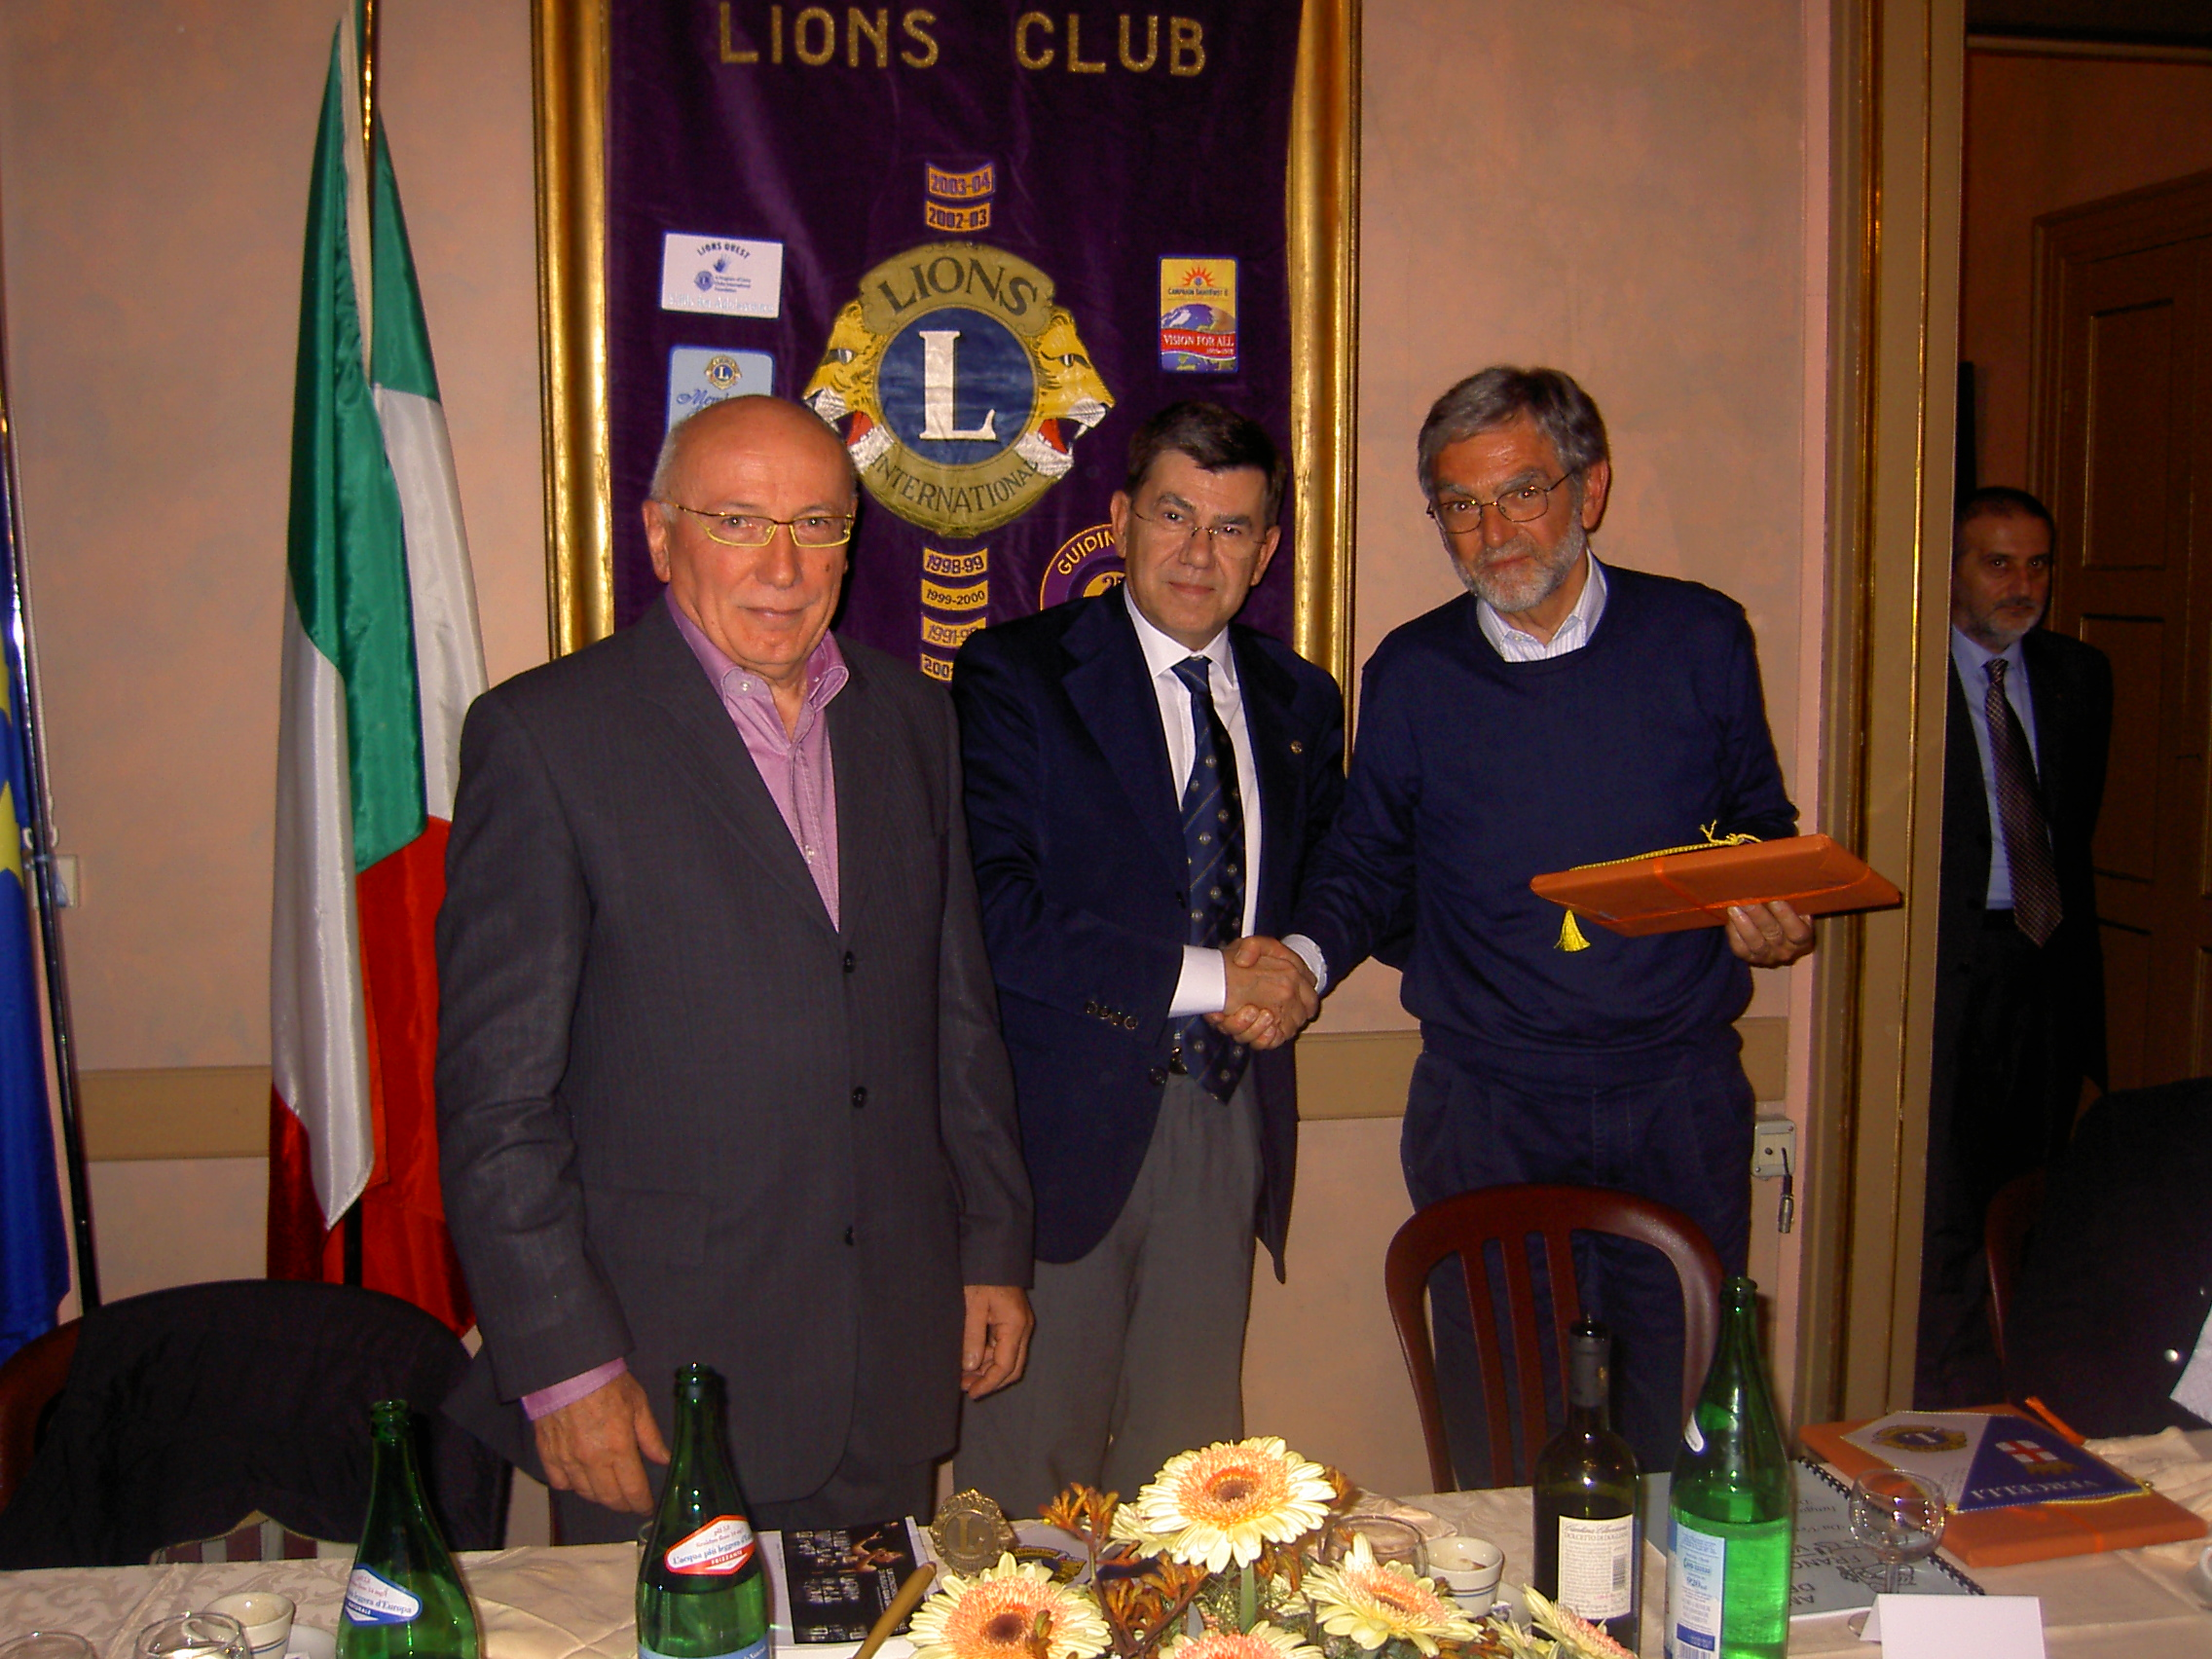 I pellegrini della Via Francigena al Lions Club Vercelli